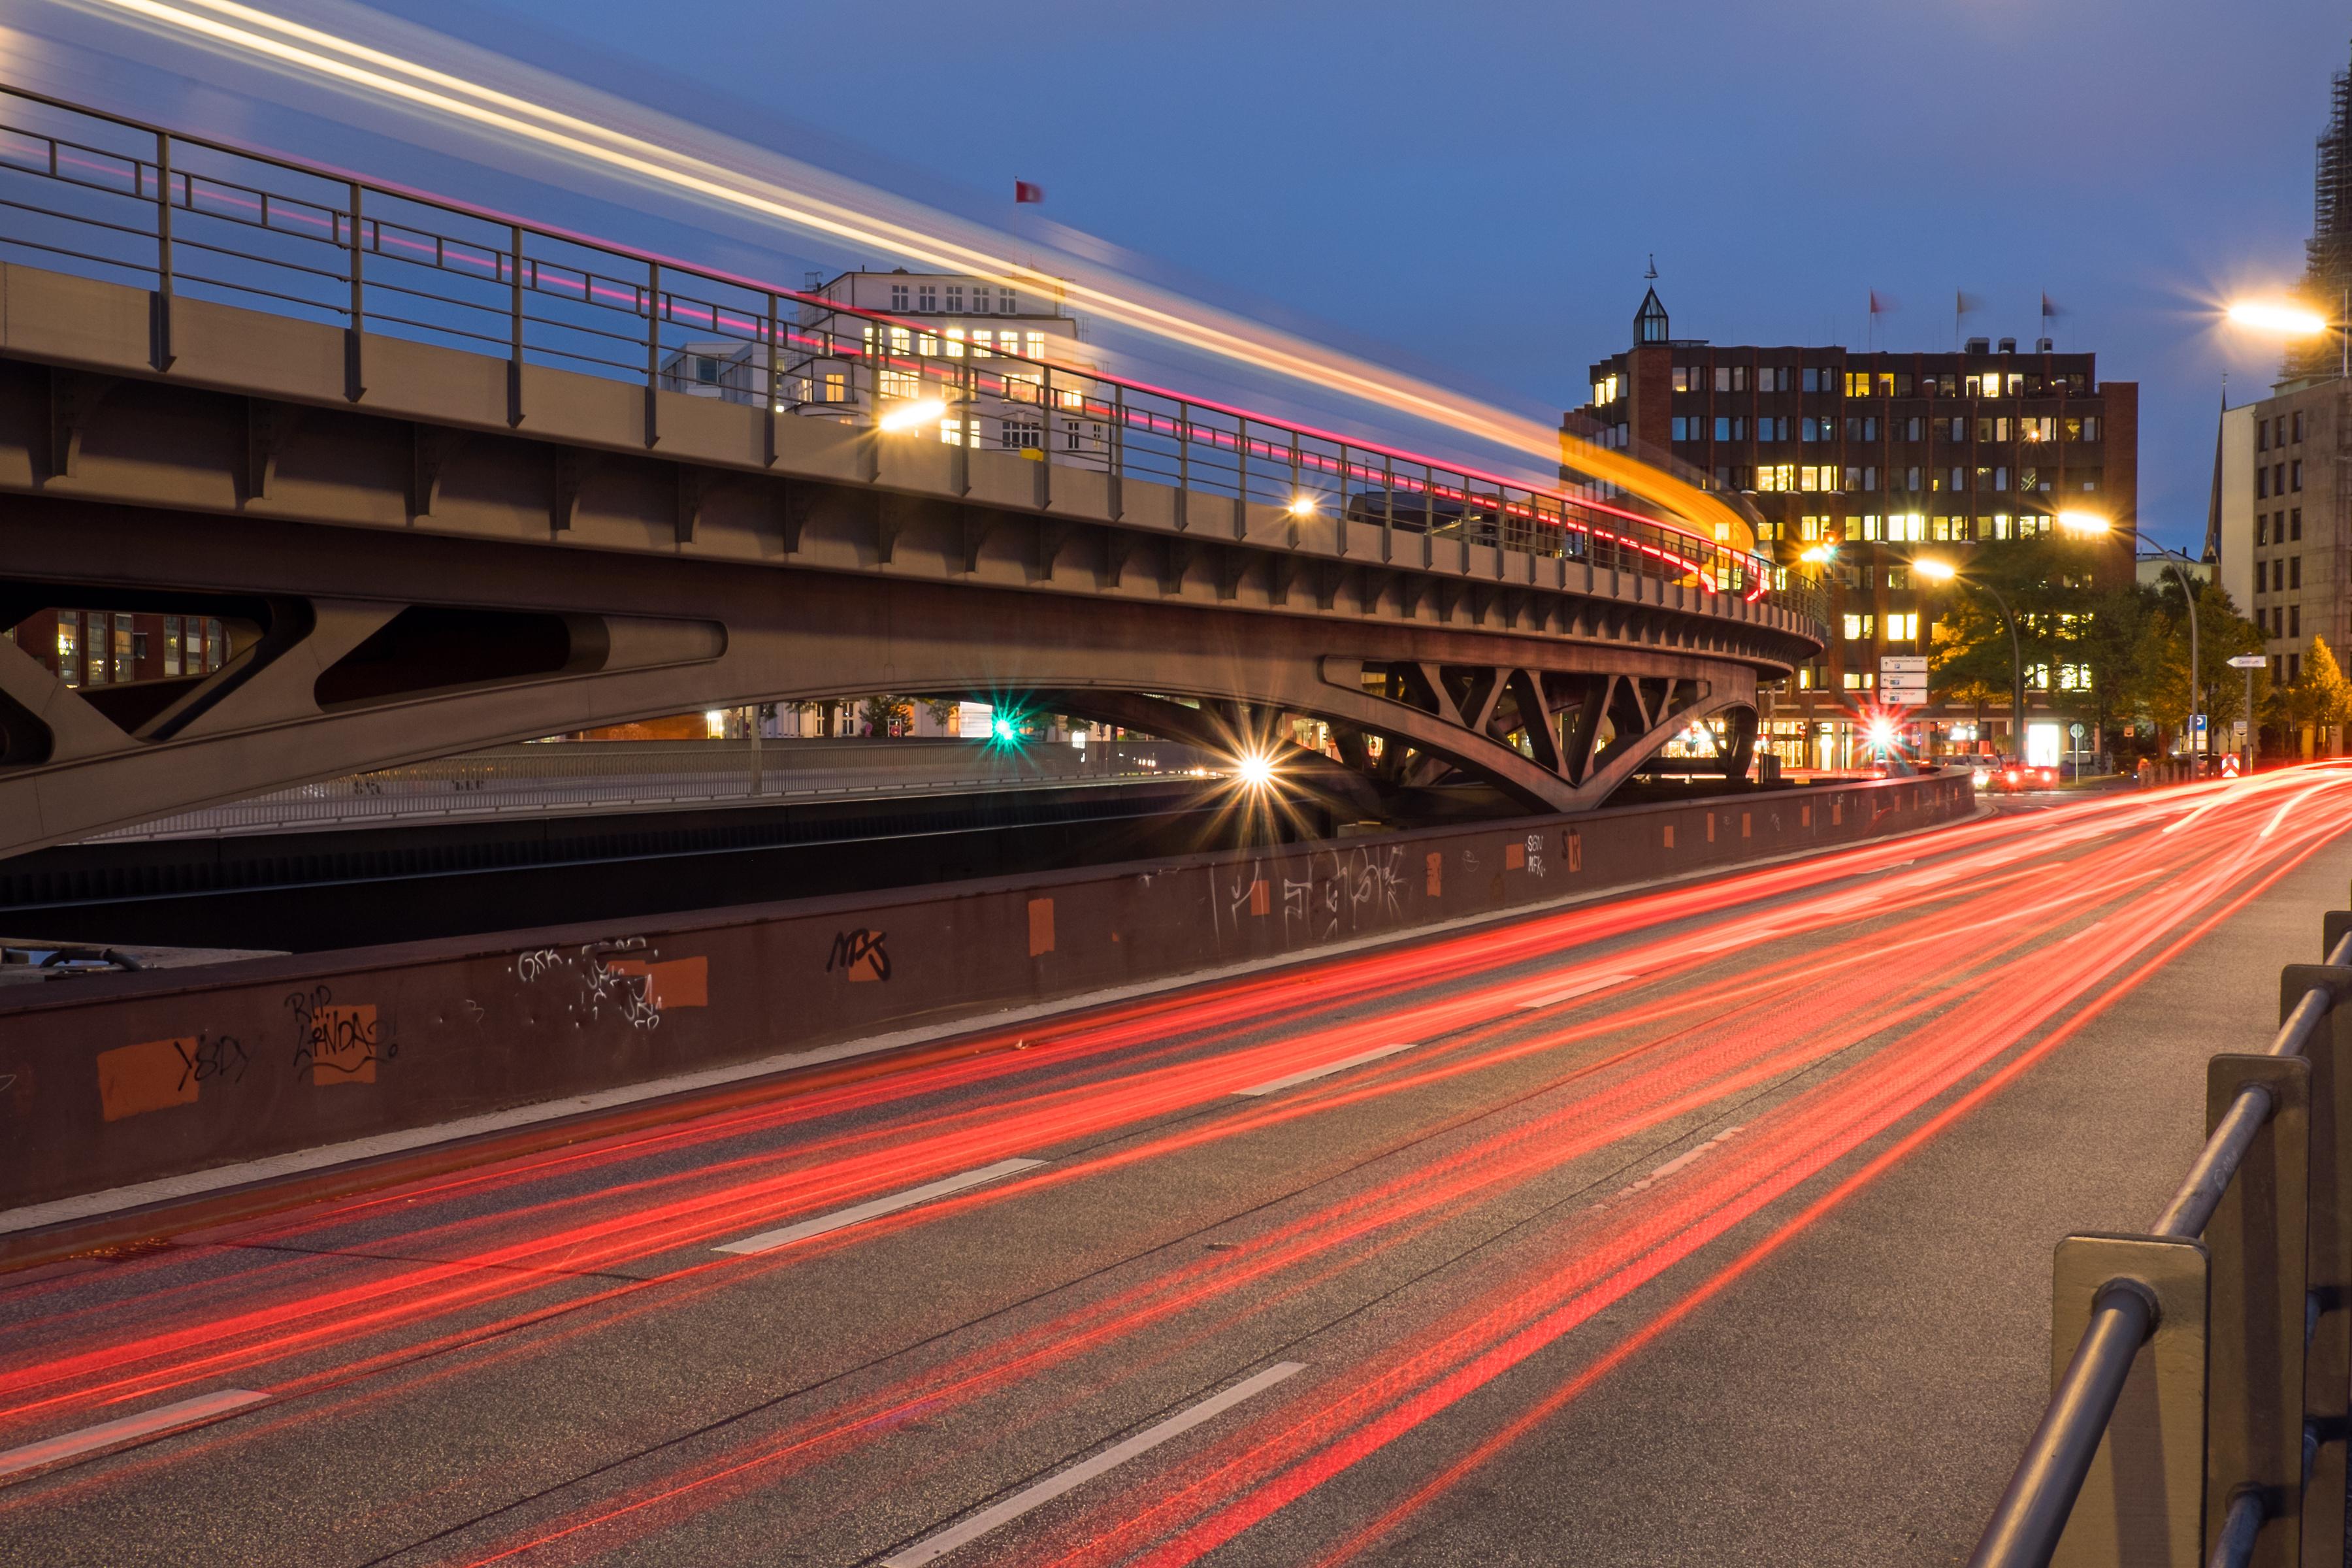 Straße und Lichter der Autos - NRW untersützt Sie bei der Umstellung auf Elektromobilität und die Unternehmensgruppe HEITZIG & HEITZIG berät Sie gerne